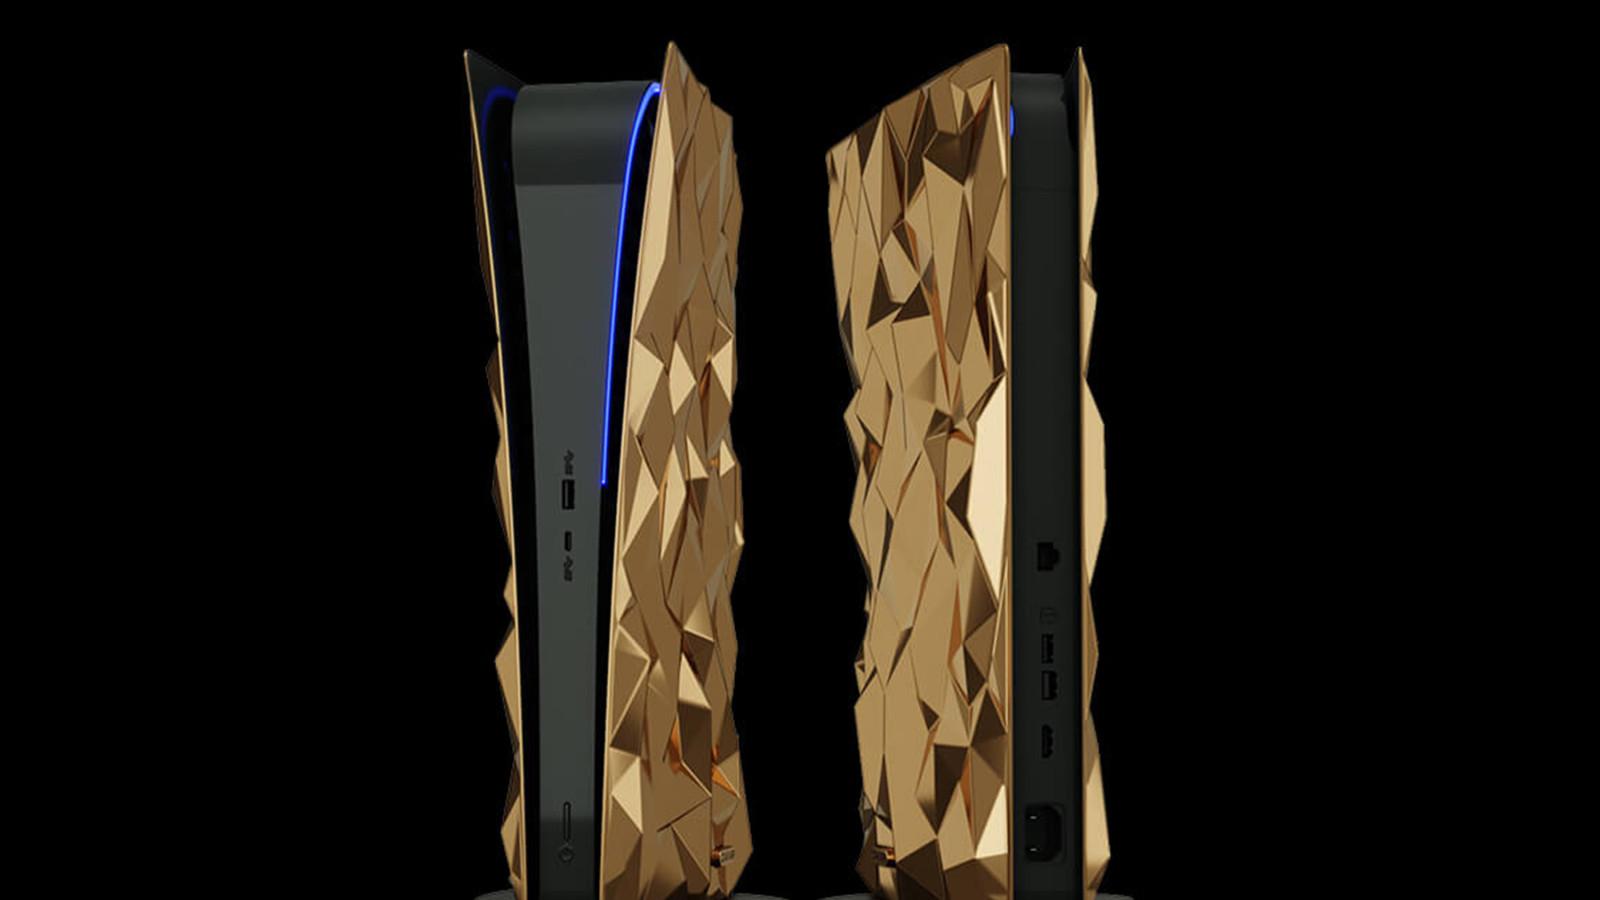 Der Premium-Veredler Caviar bietet eine vergoldete Playstation 5 an.